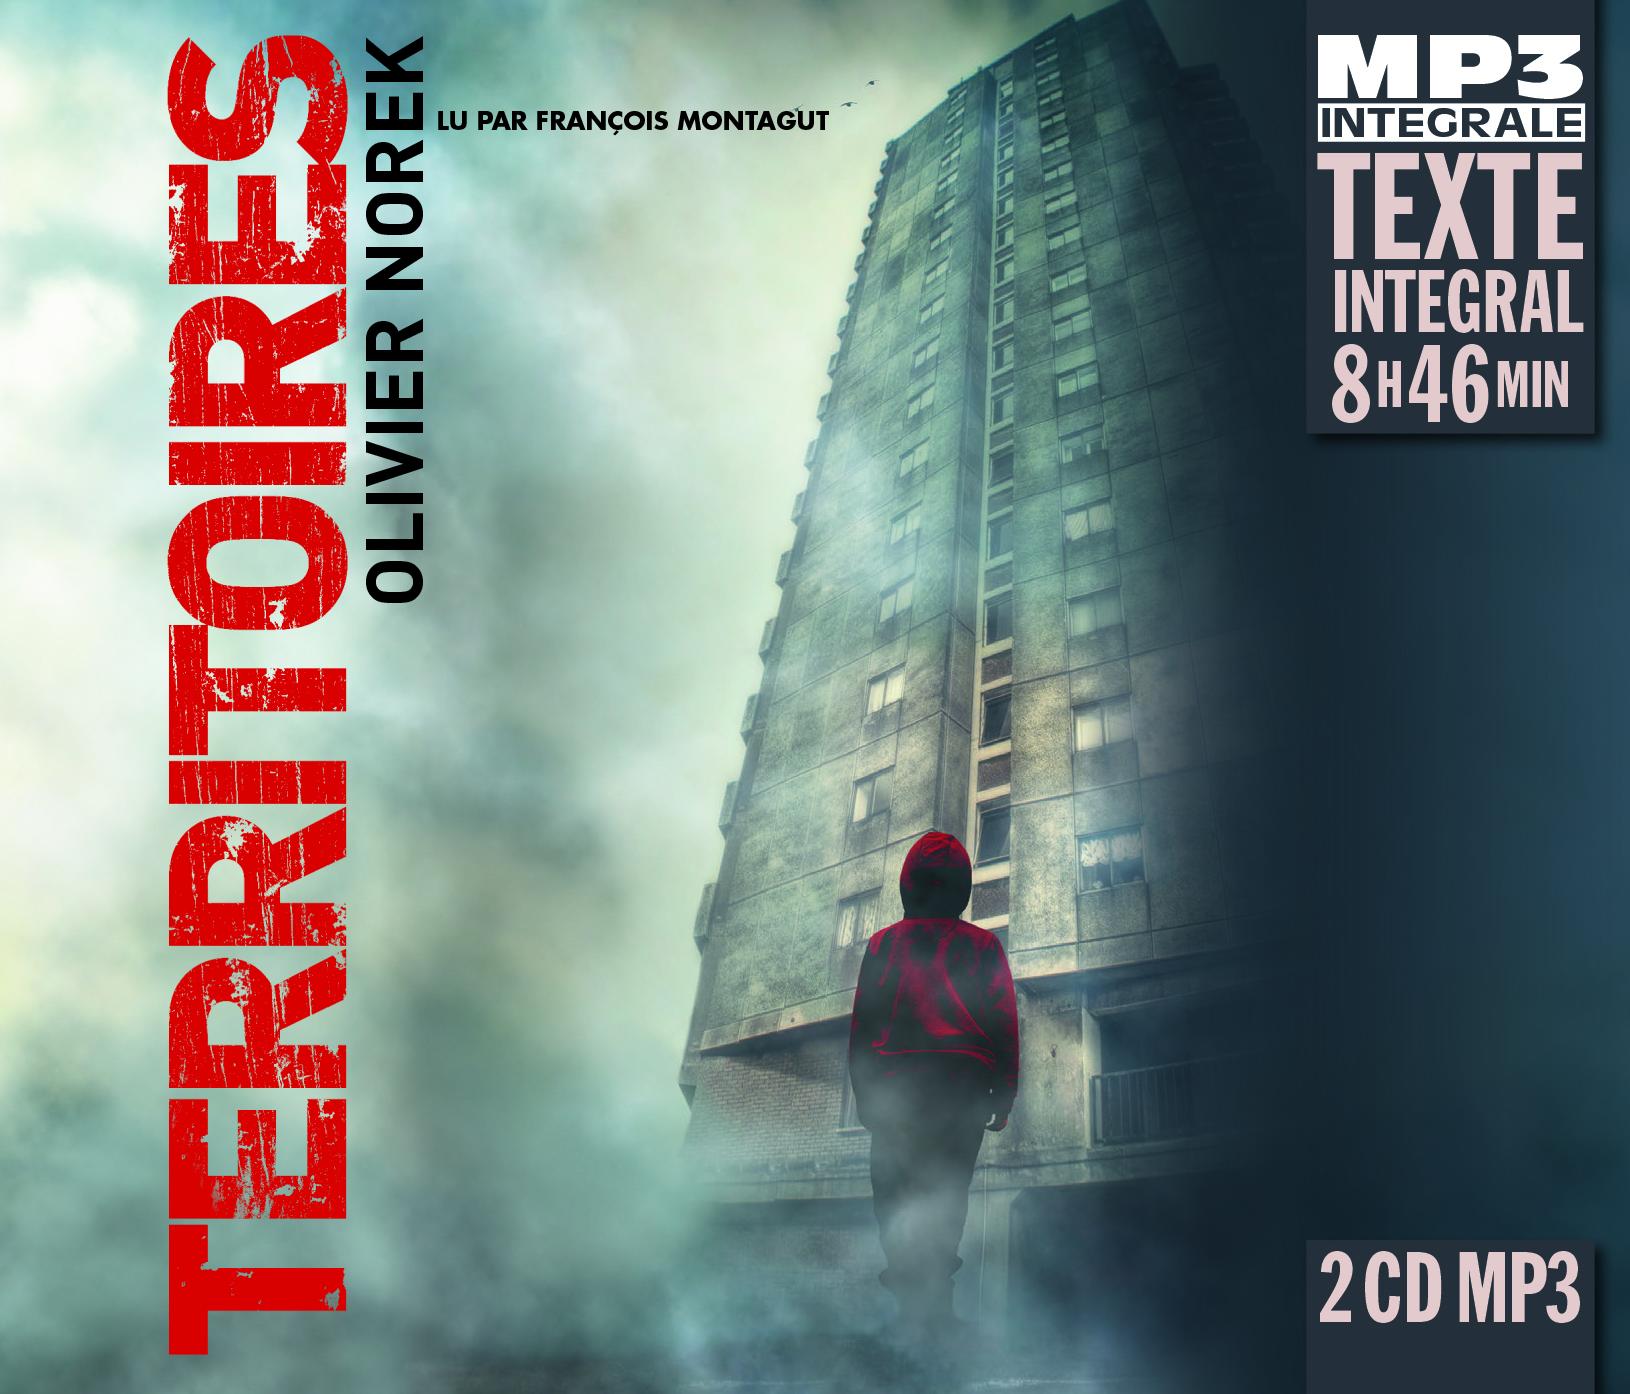 TERRITOIRES (INTEGRALE MP3), LU PAR FRANCOIS MONTAGUT